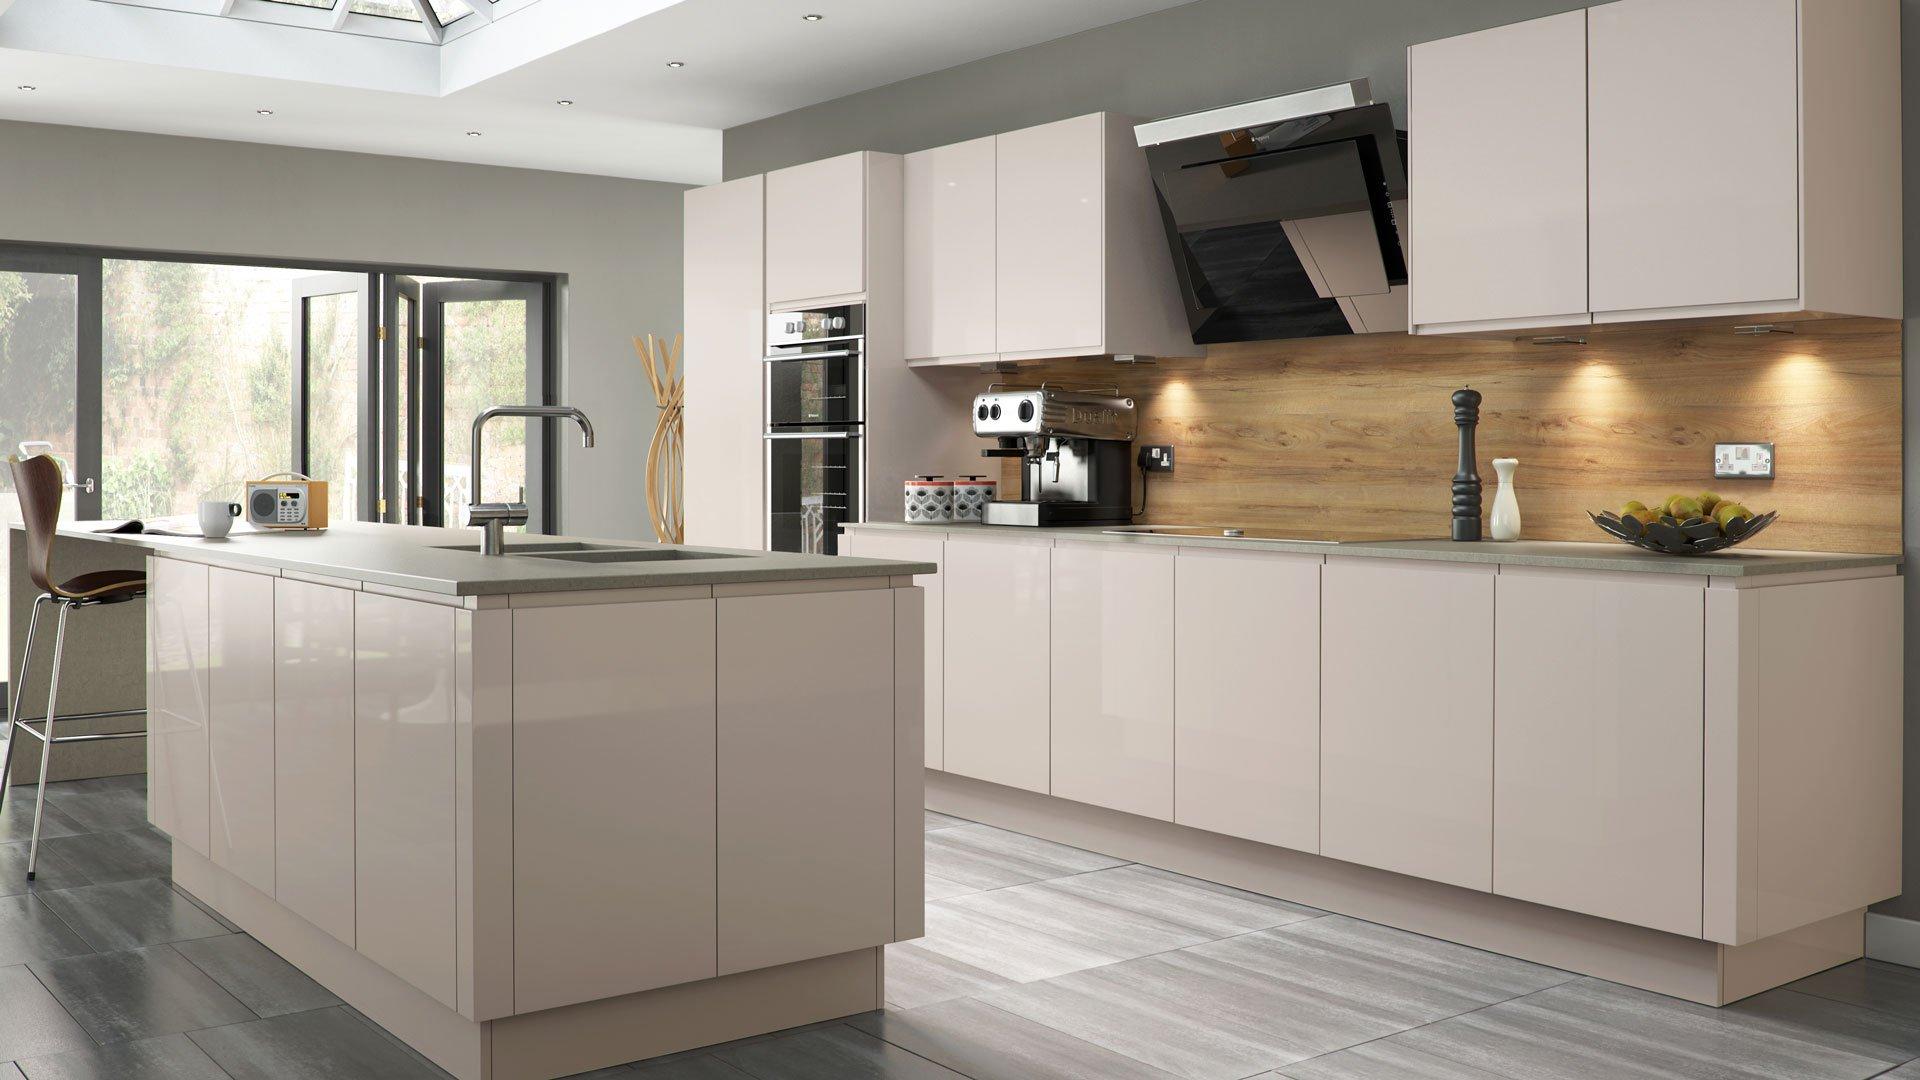 Multiwood Welford - Savanna Kitchen